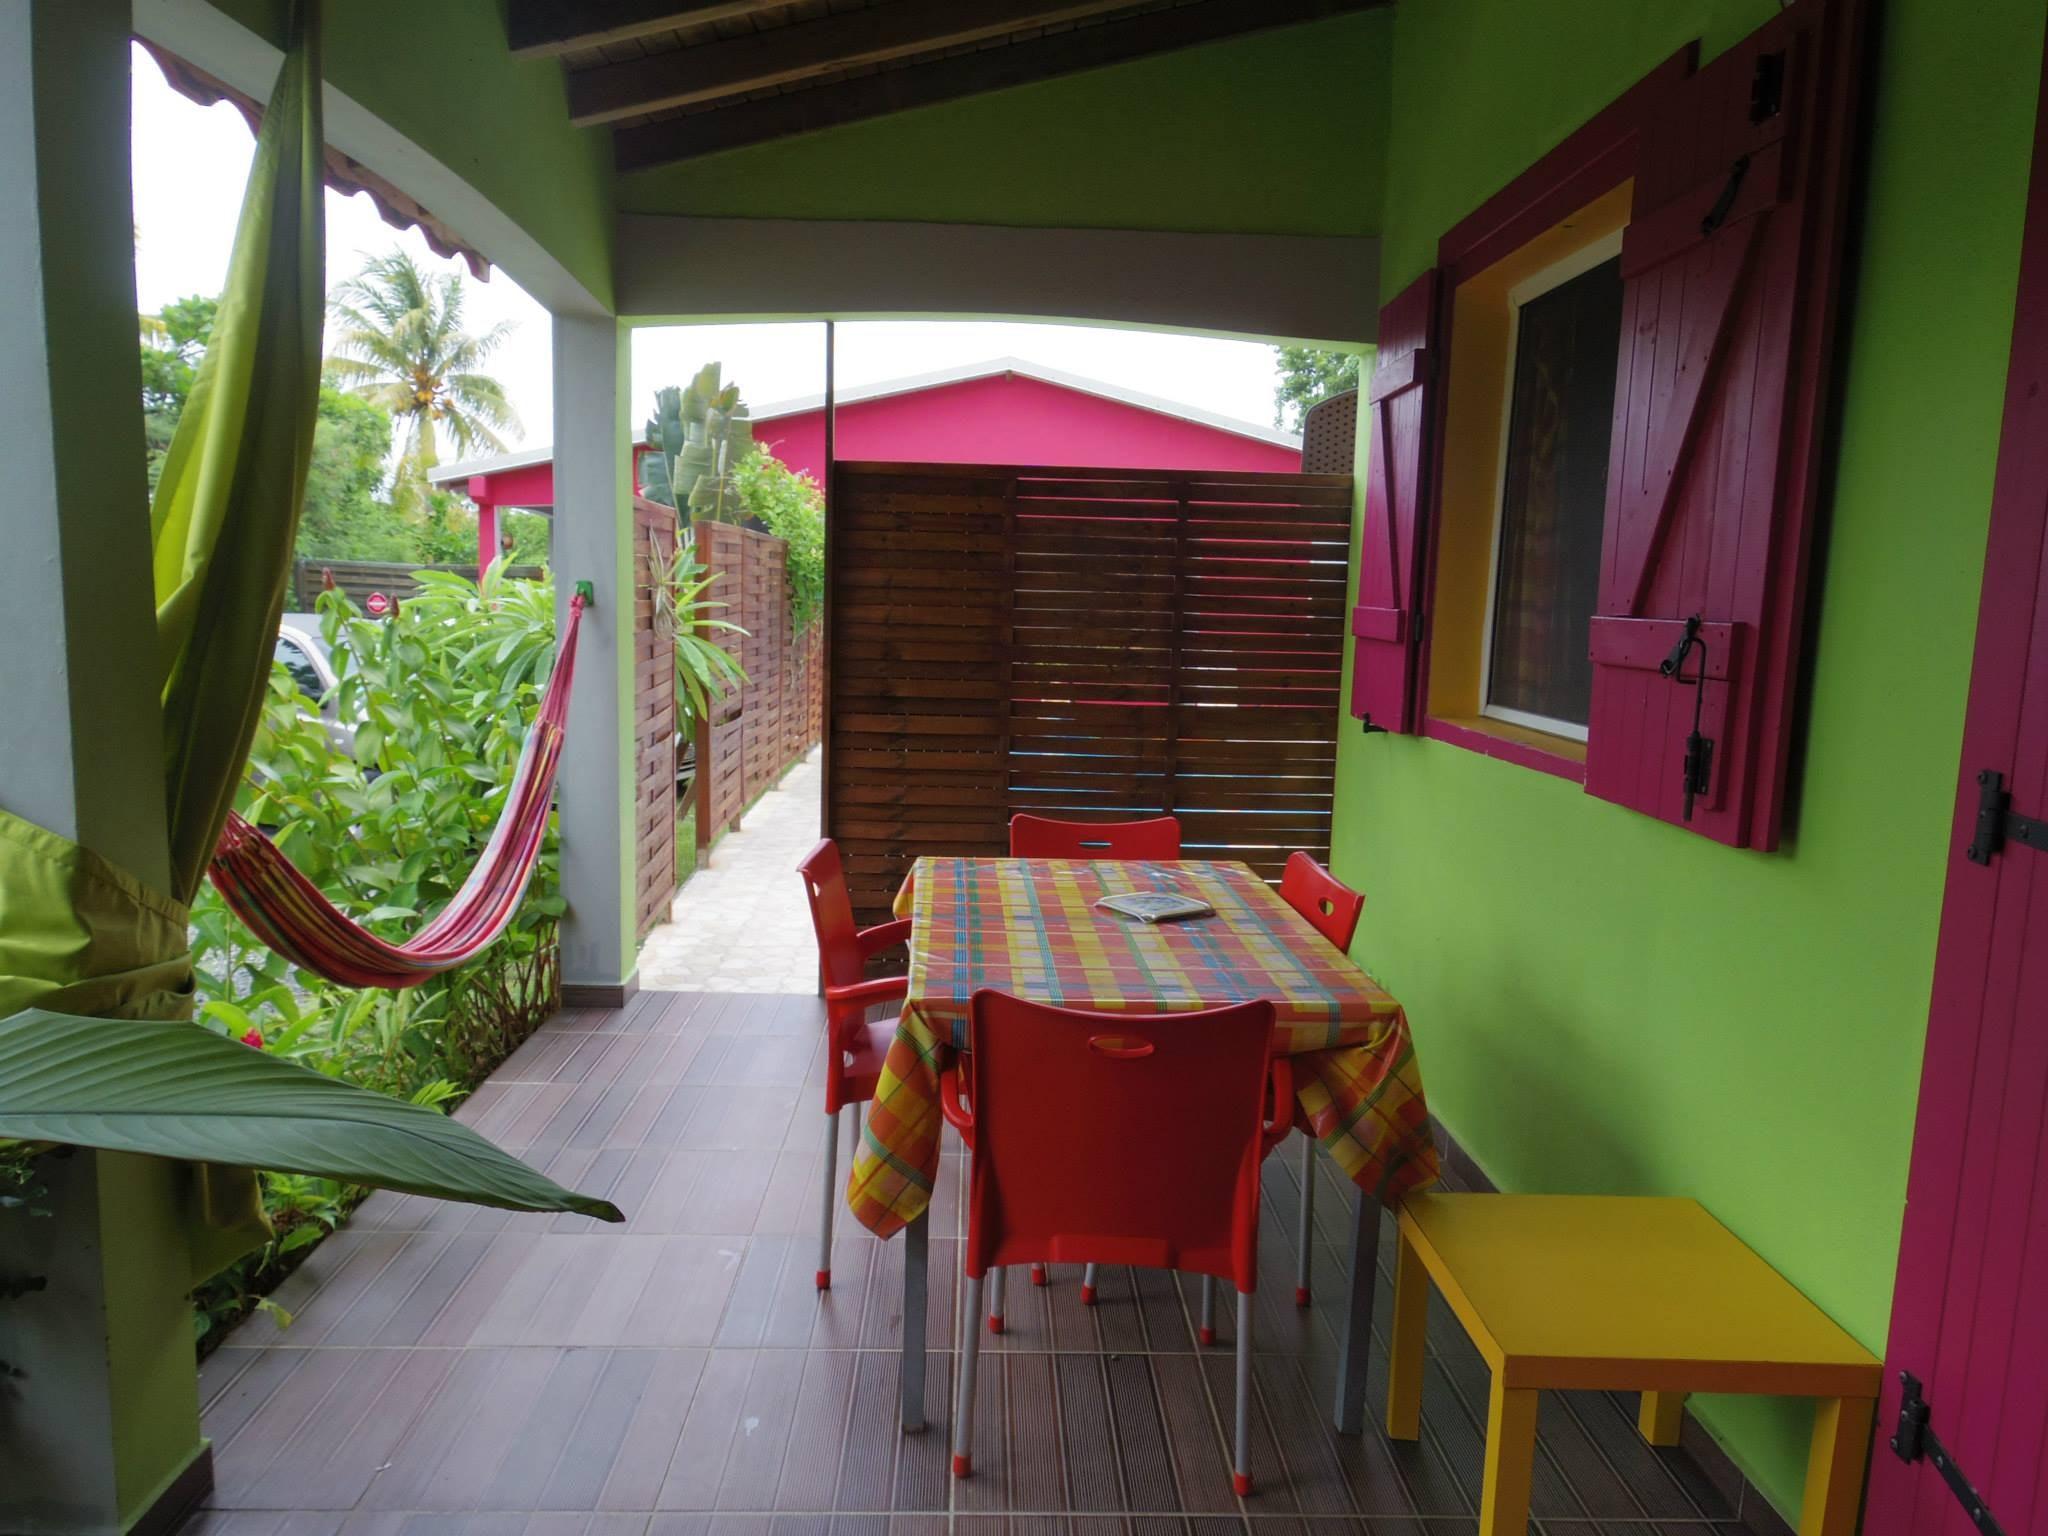 Bungalow mit einem Schlafzimmer in Guadeloupe mit  Bungalow in Guadeloupe